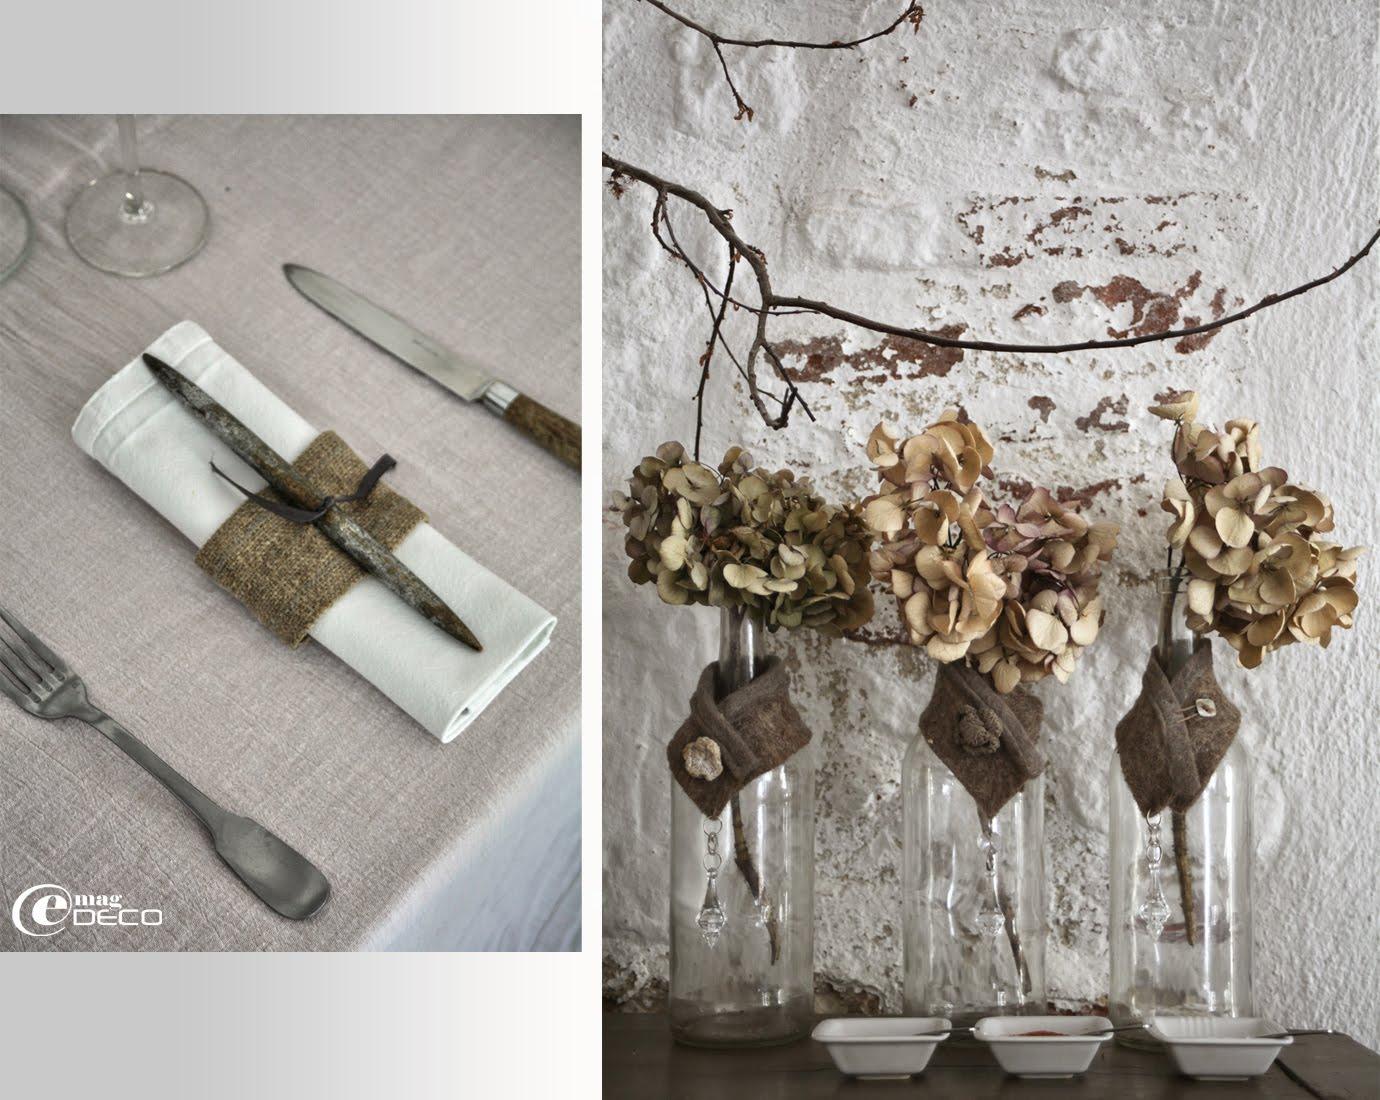 Les ronds de serviette déposés sur les tables du restaurant 'La Maison sur la Place' sont tous différents et réalisés à partir de matières naturelles comme le lin ou le chanvre, création Béatrice Loncle et Geneviève Cazottes